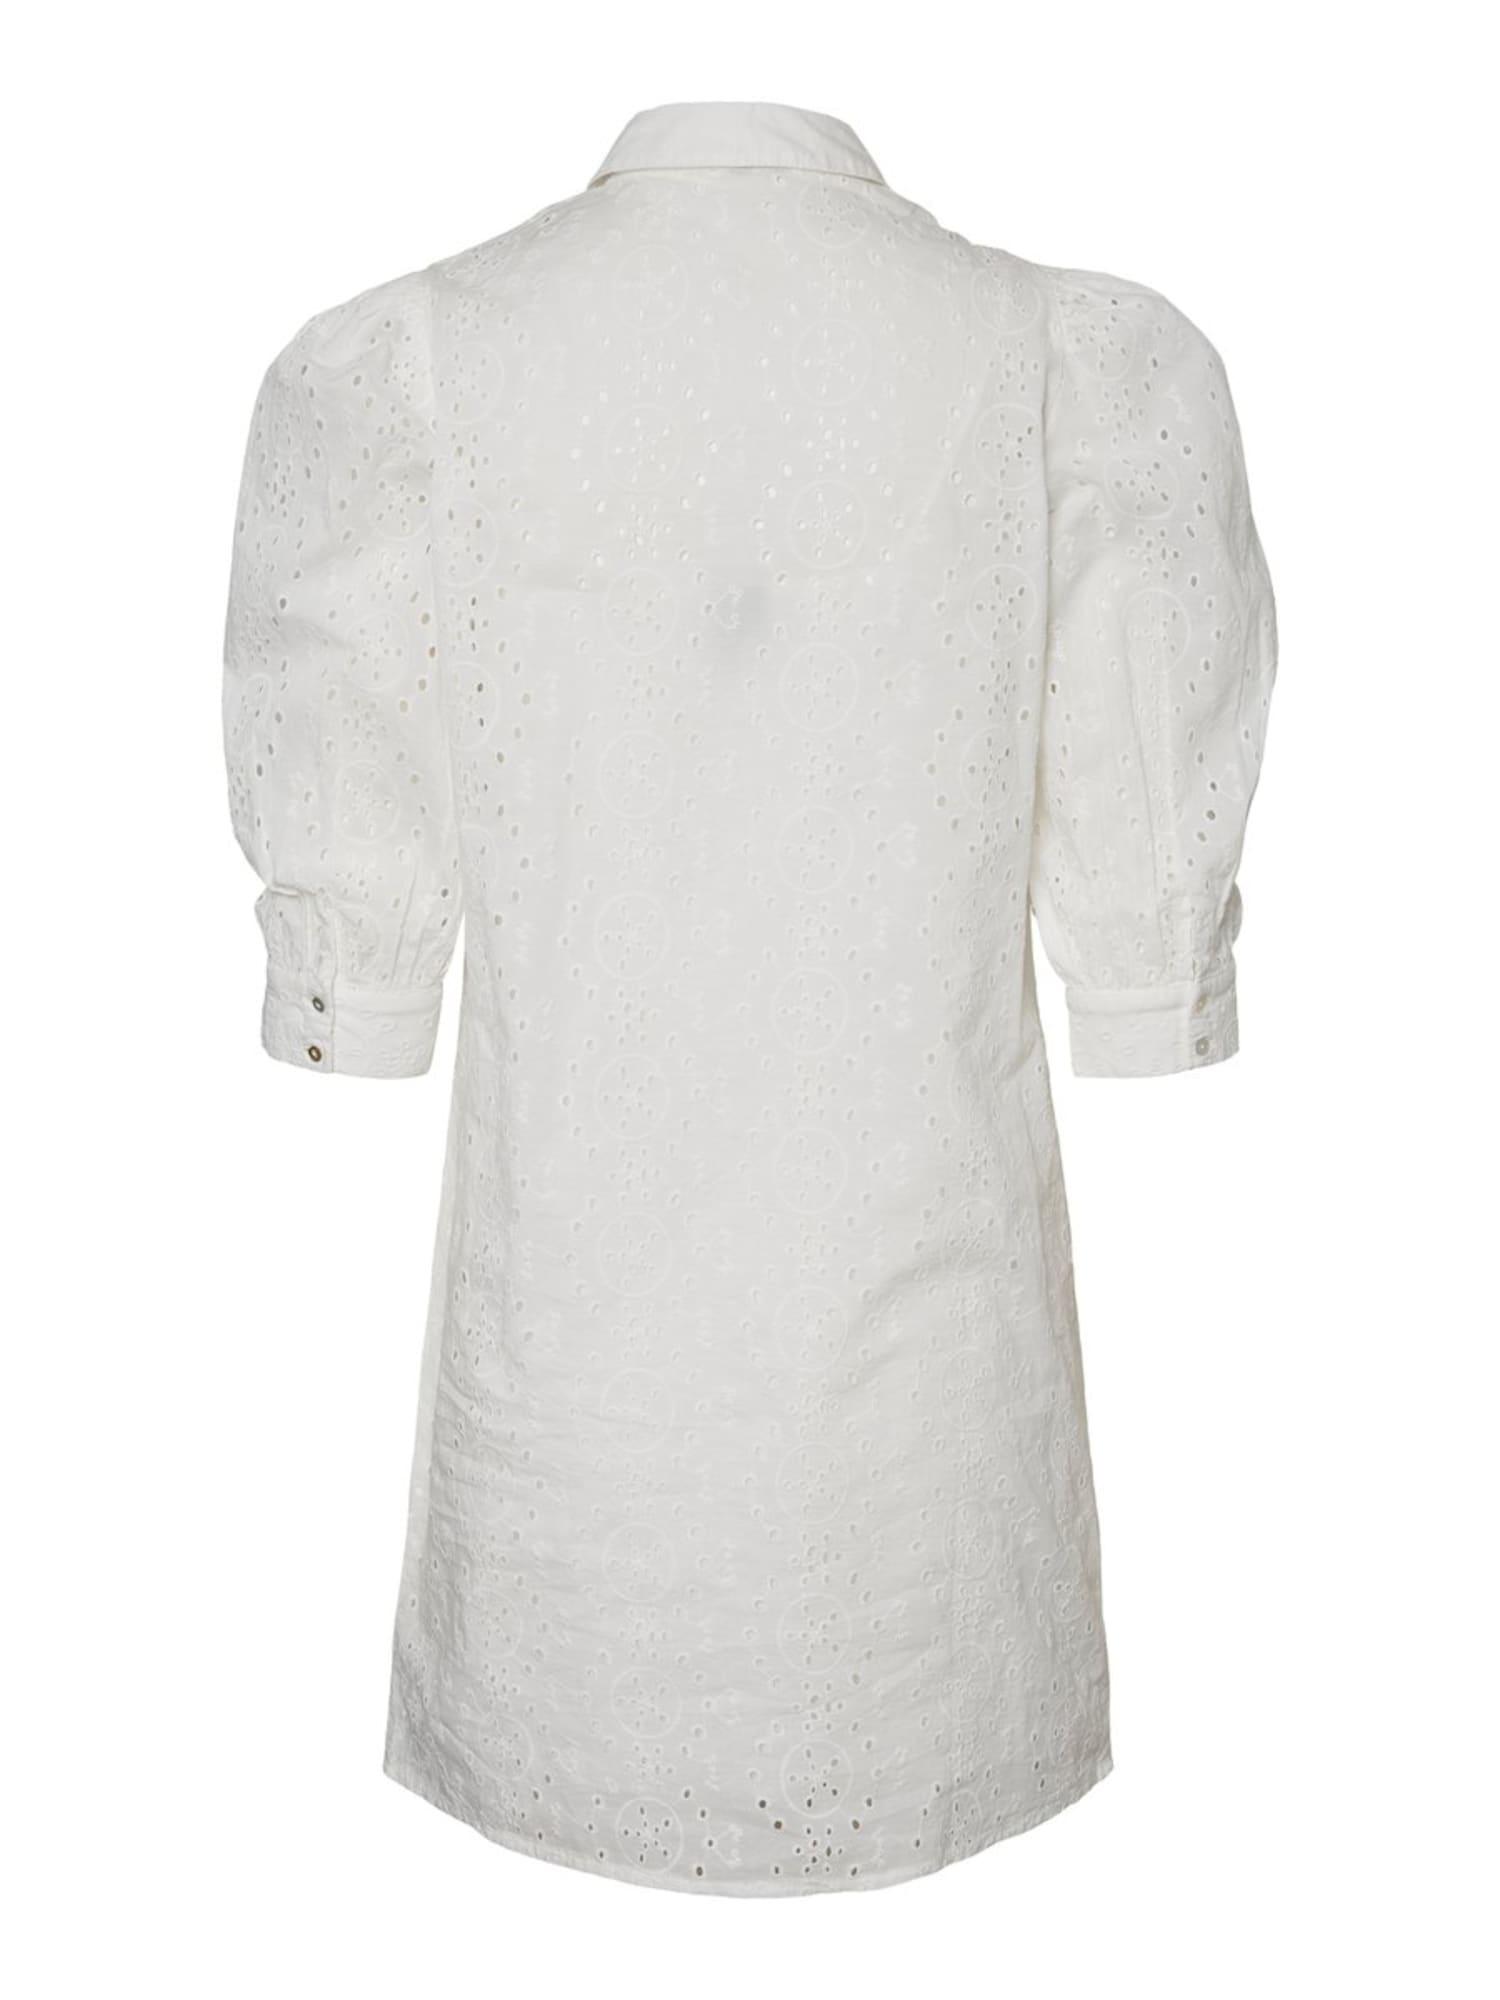 vero moda - Stickerei Blusenkleid